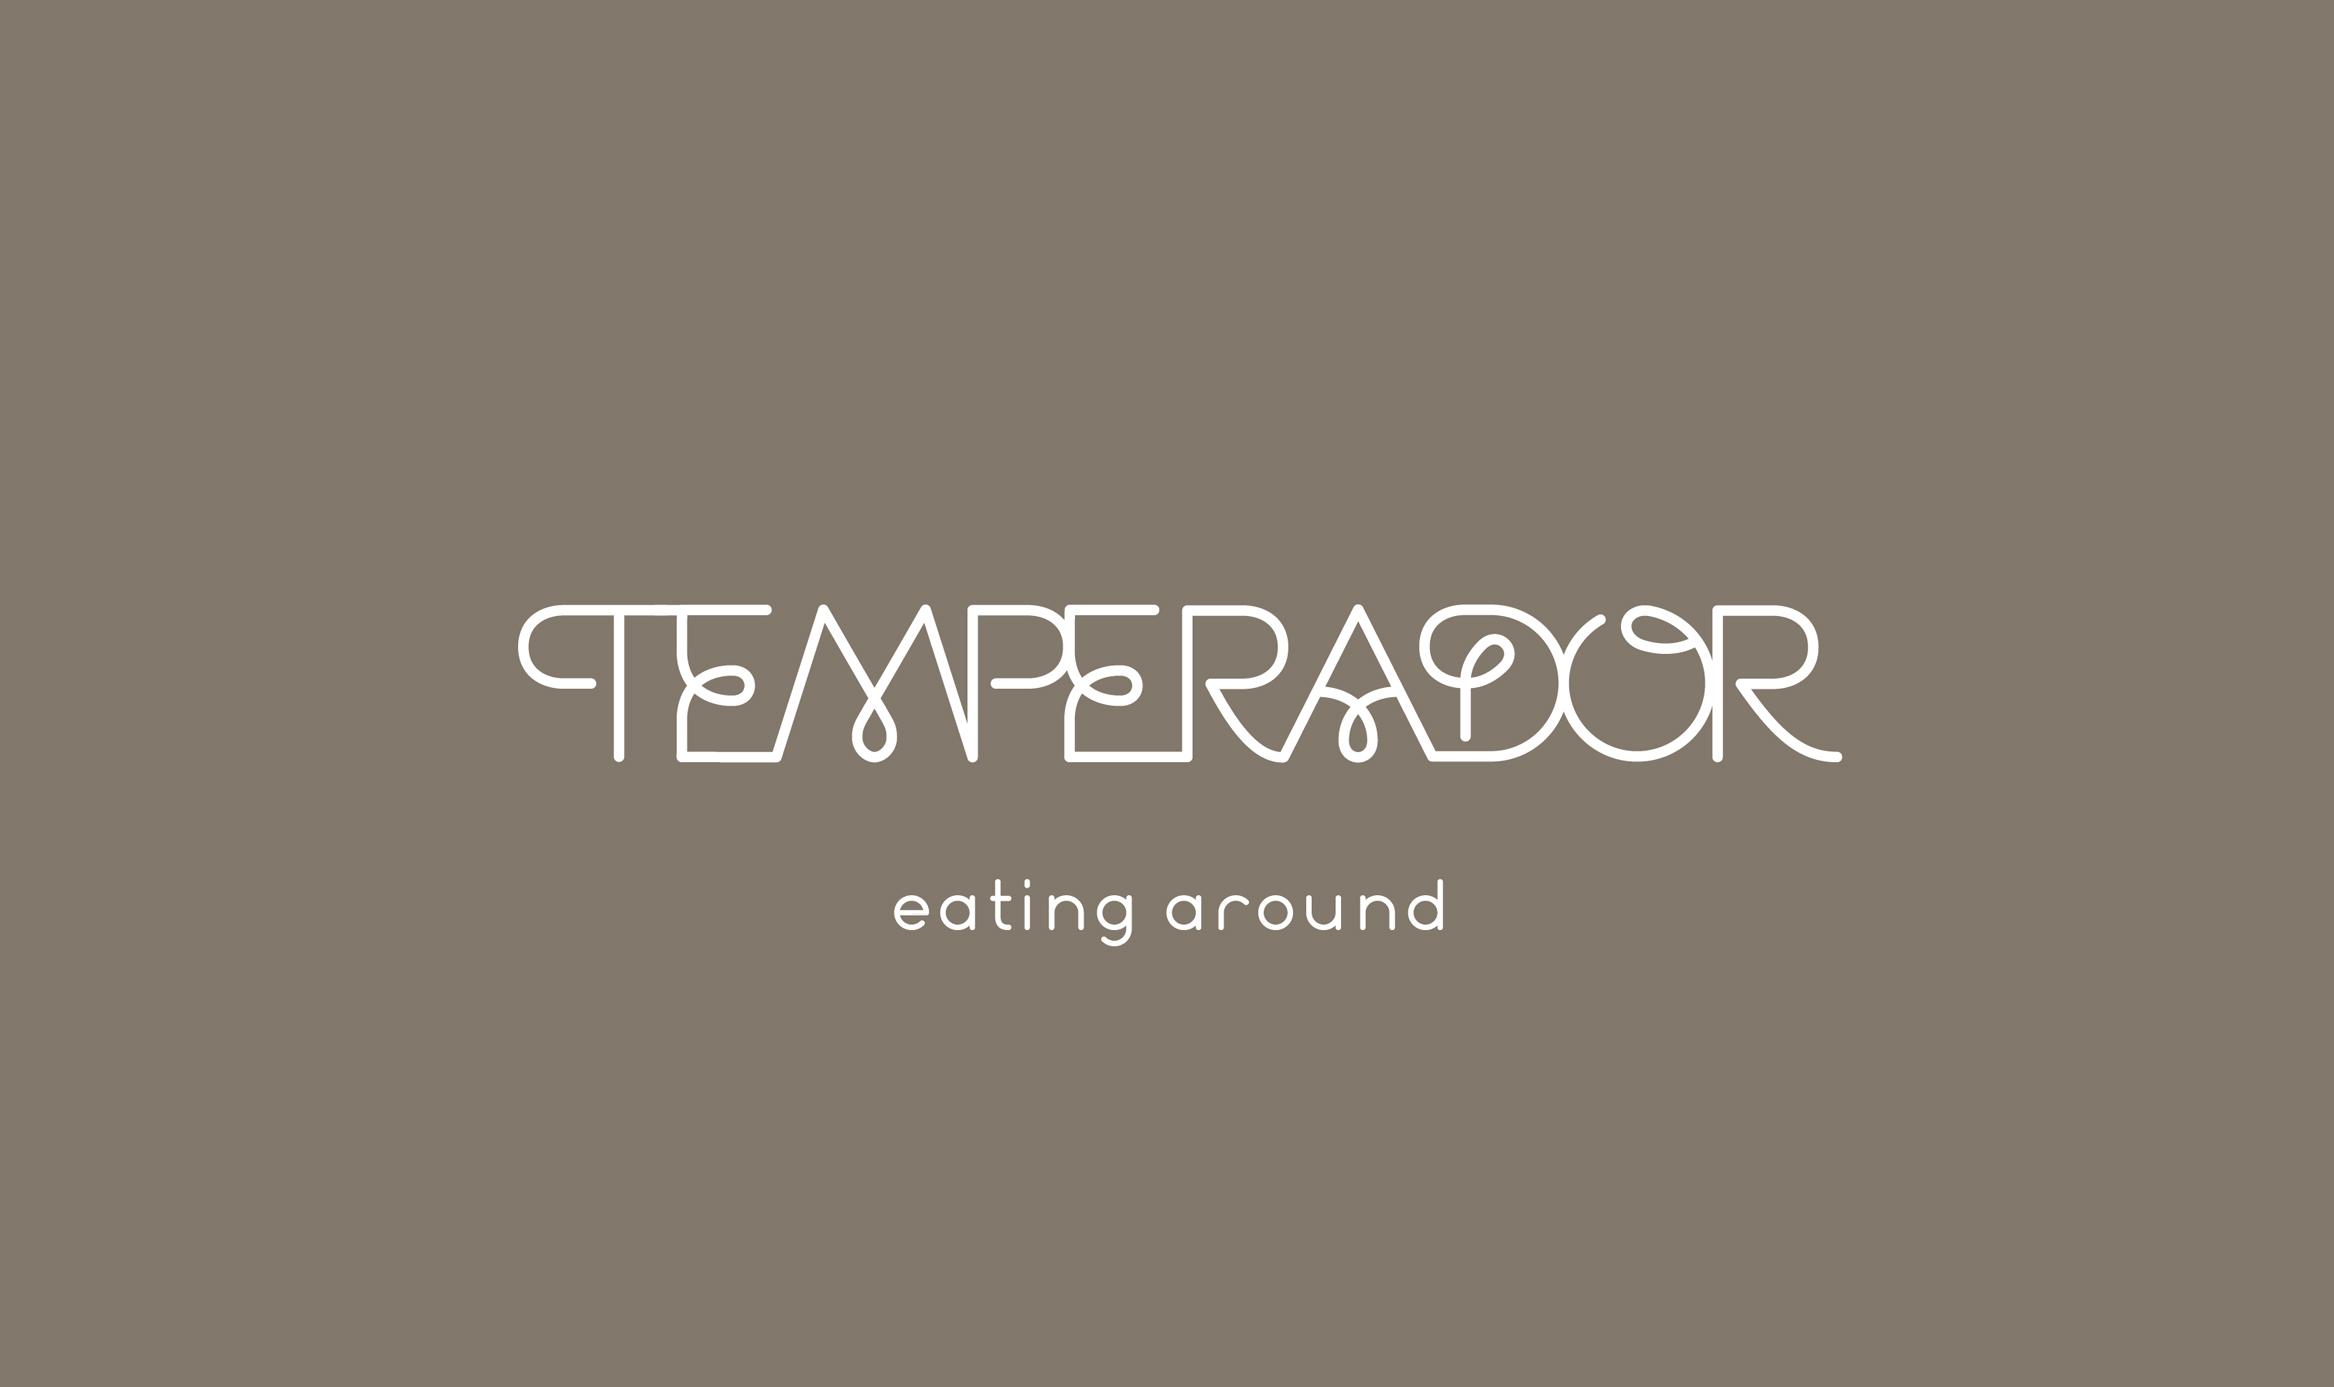 TEMPERADOR_01.jpg